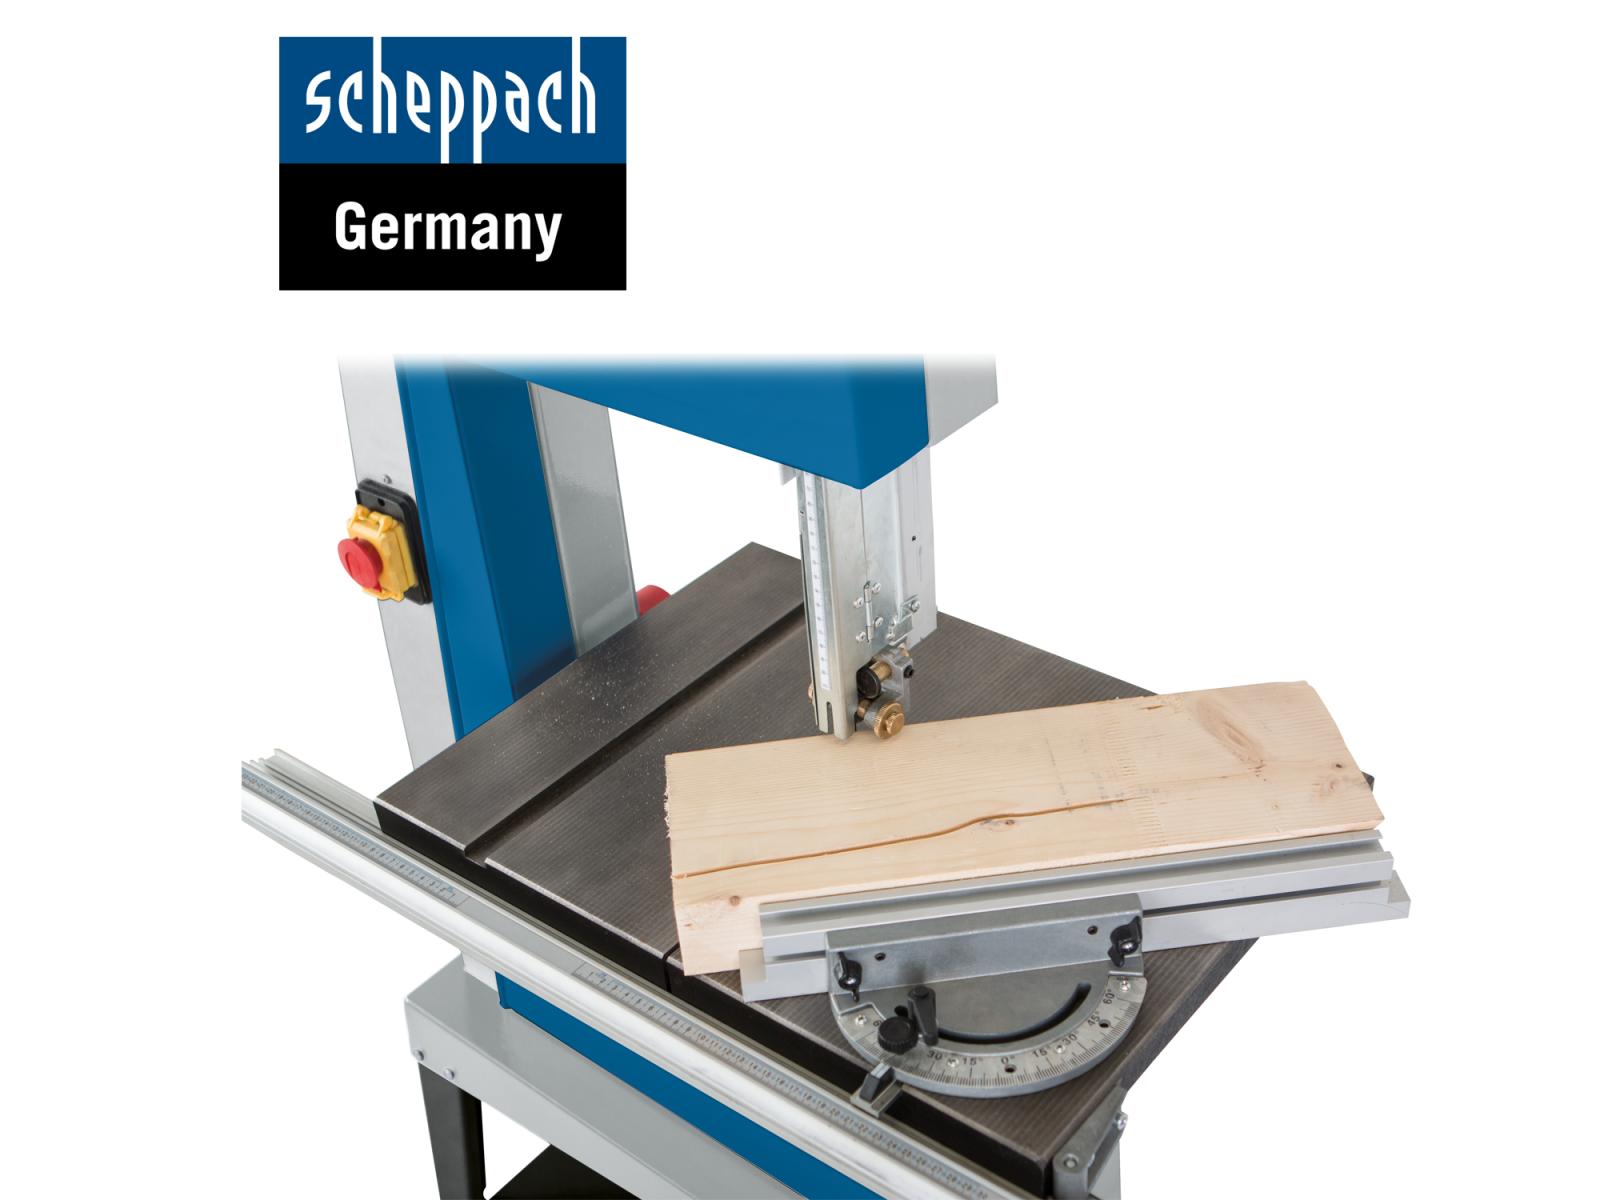 Příslušenství pro řezy v úhlu Scheppach - 0.8kg (Scheppach 73120025)